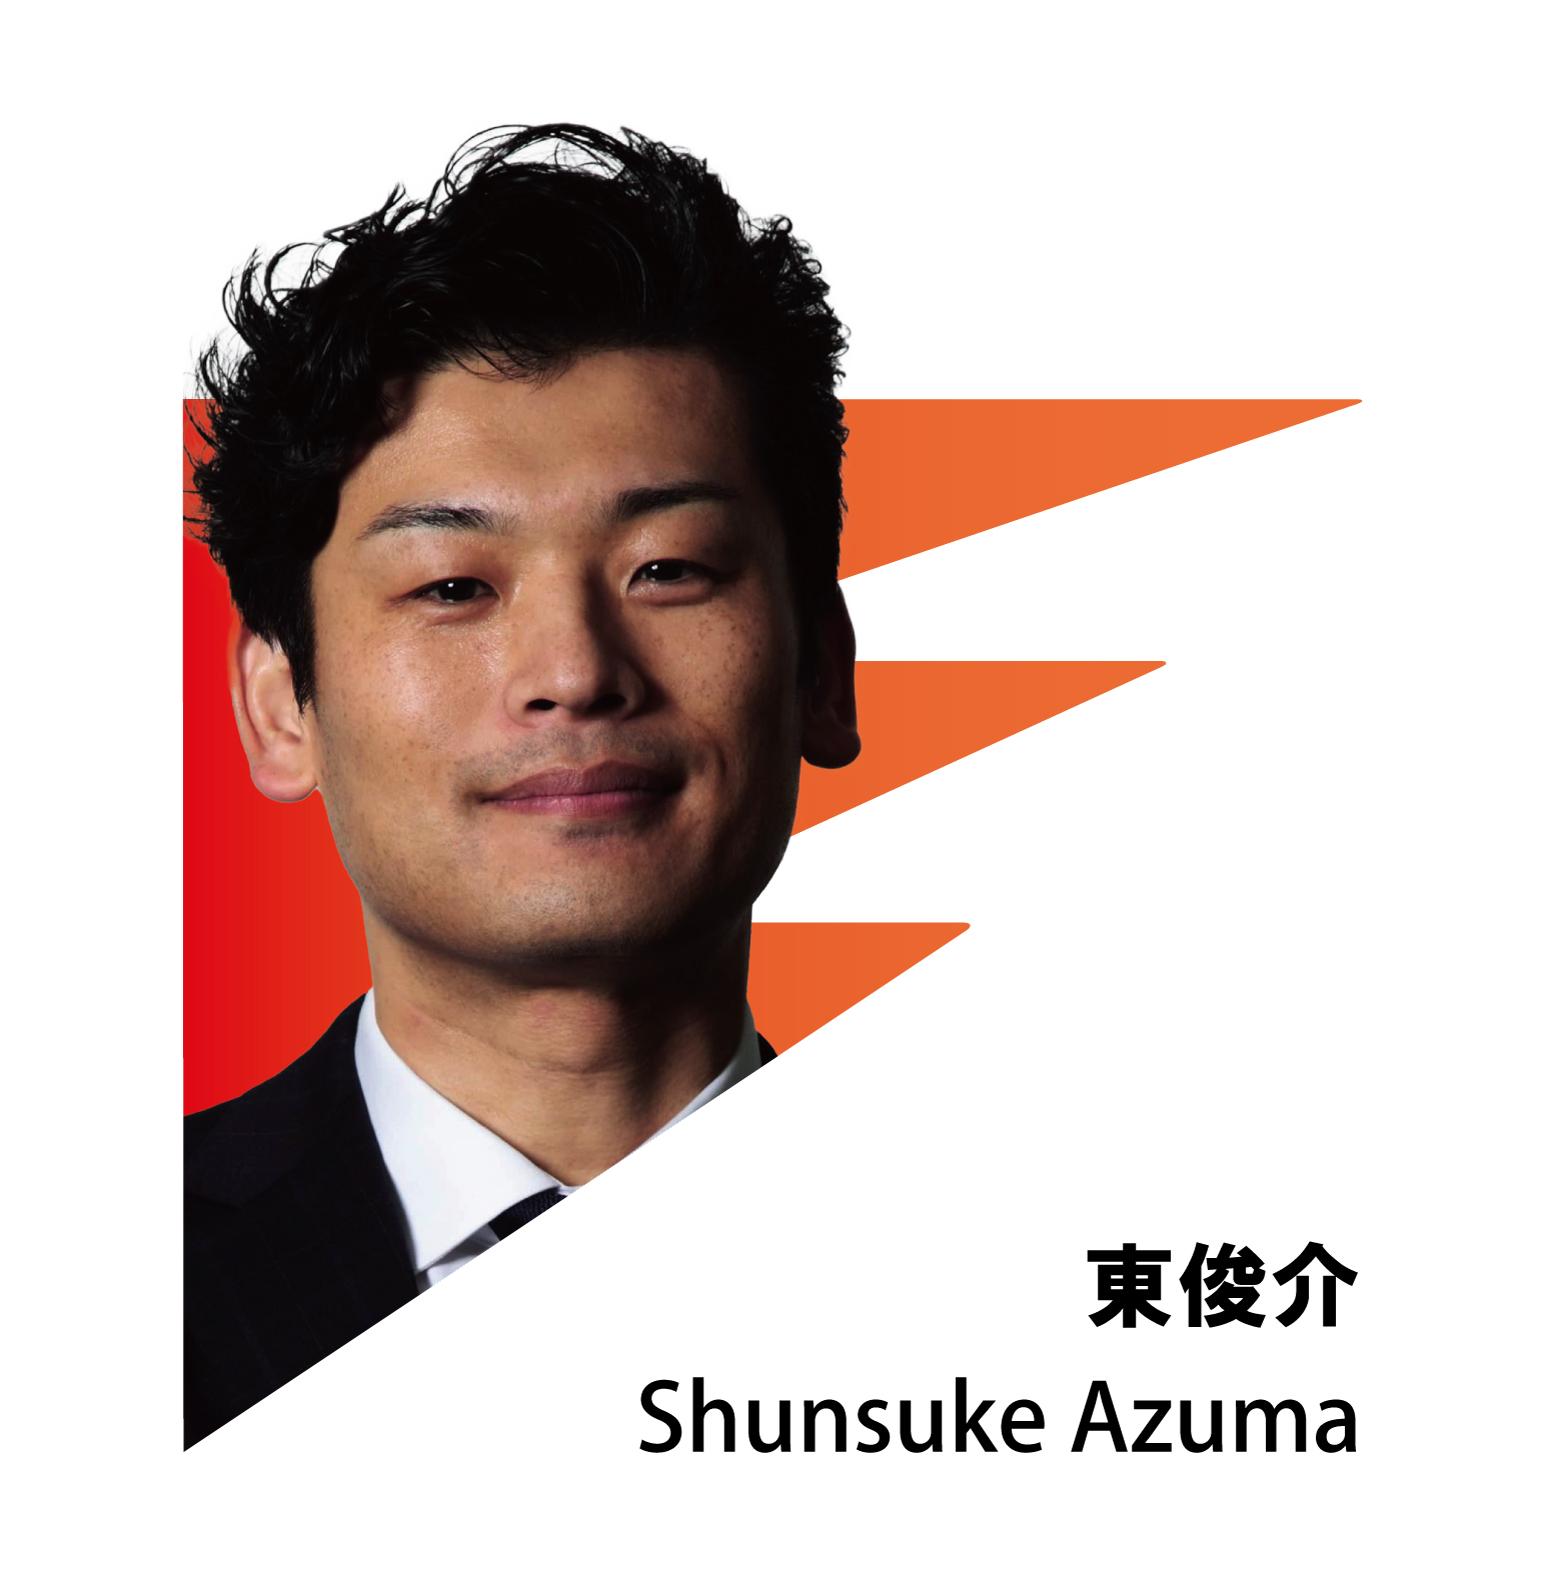 SHUNSUKE AZUMA